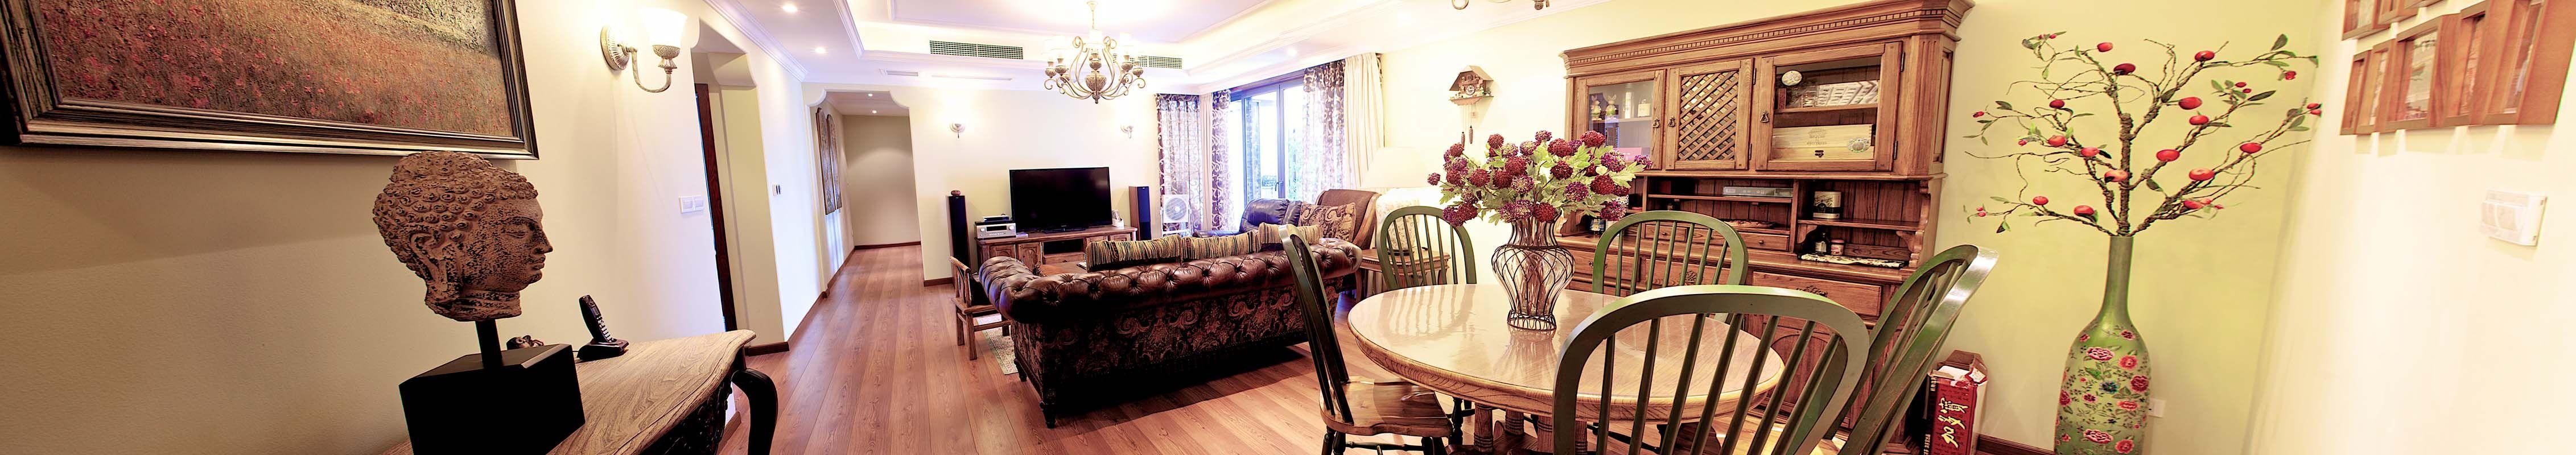 室内设计网 作品中心 住宅空间 公寓设计 > 刘敏作品  当人们在城市快